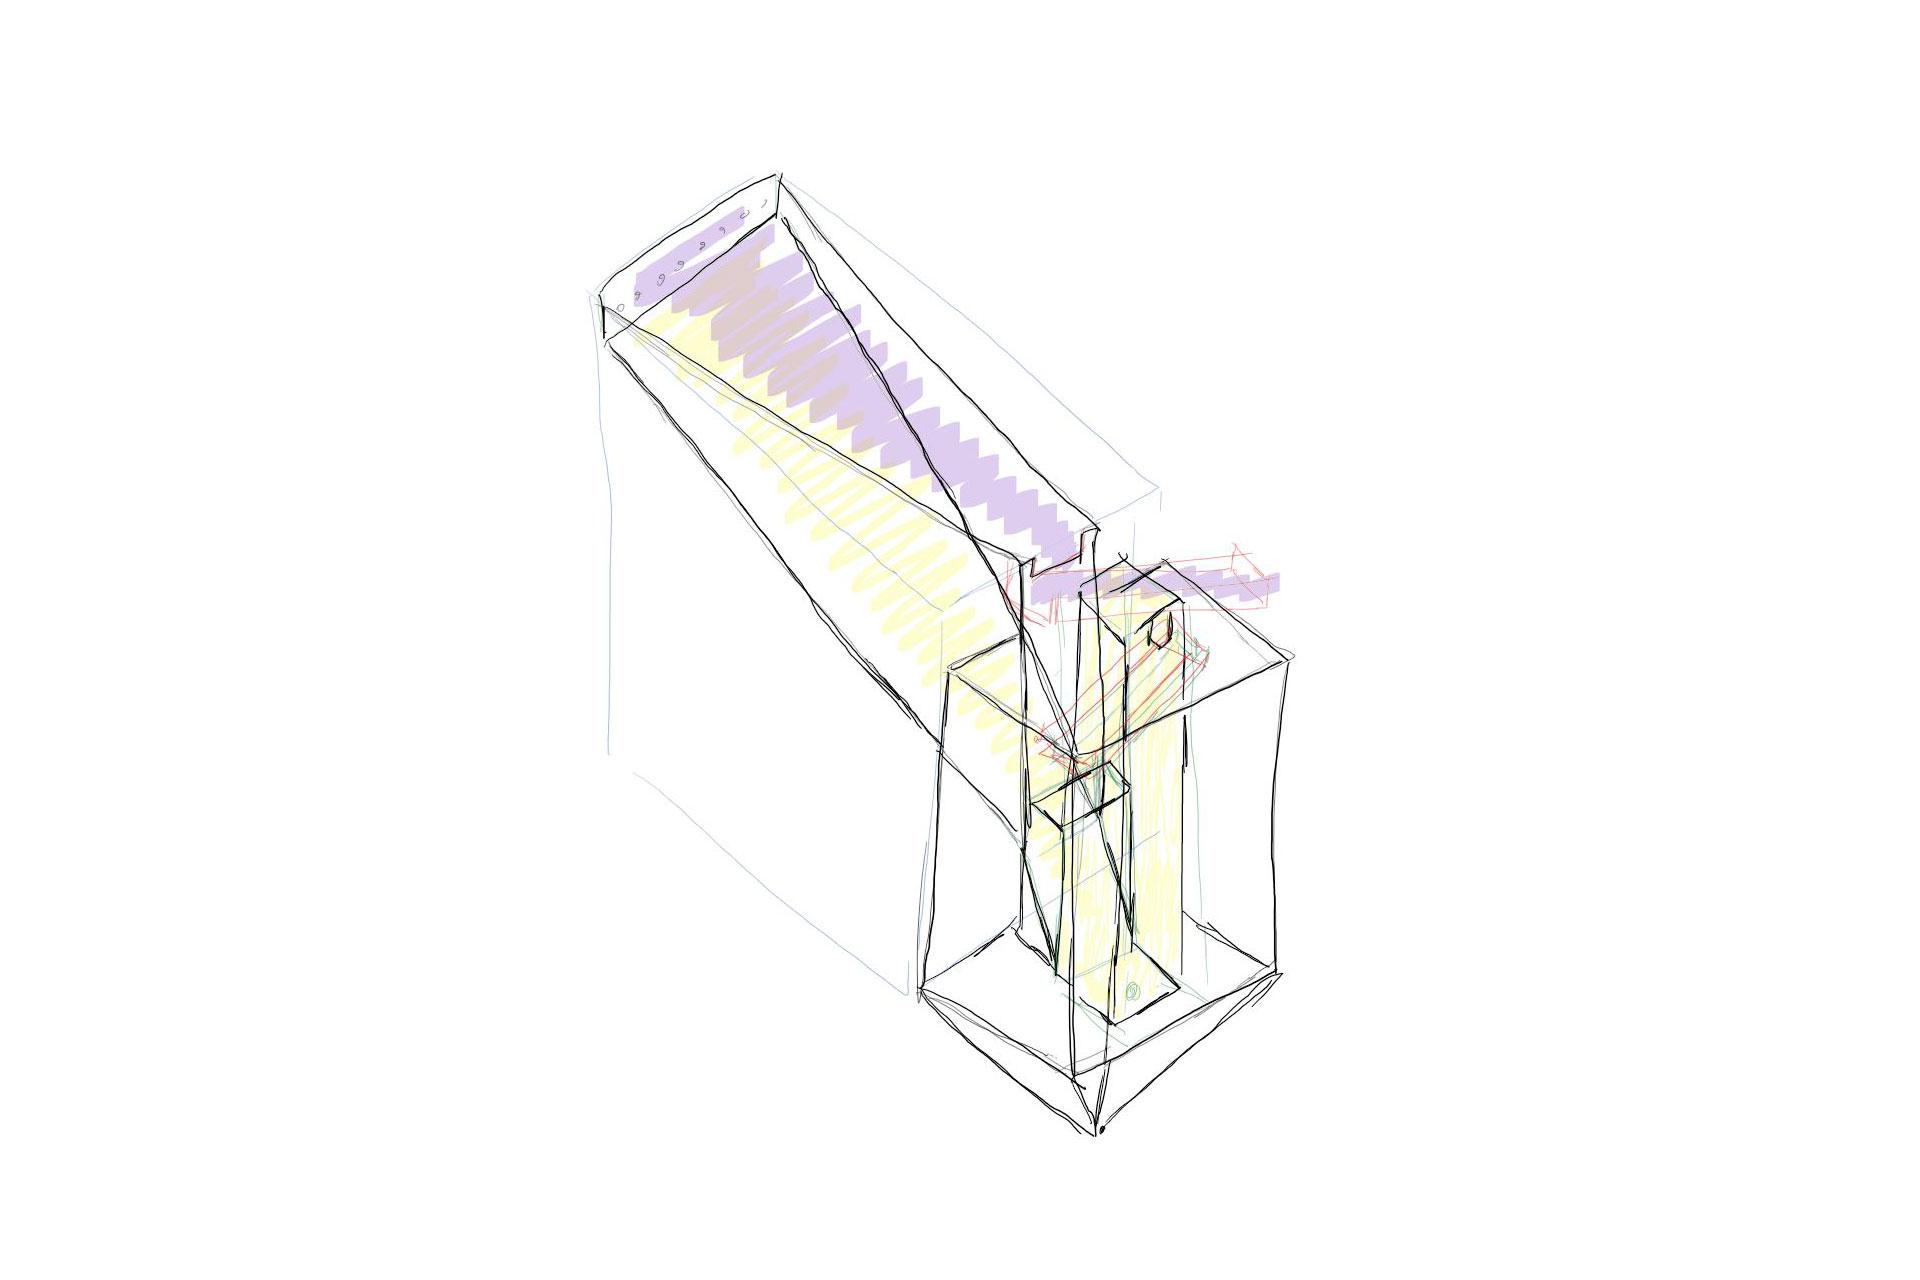 Beispiel Sondermaschinenbau Skizze Tulberg